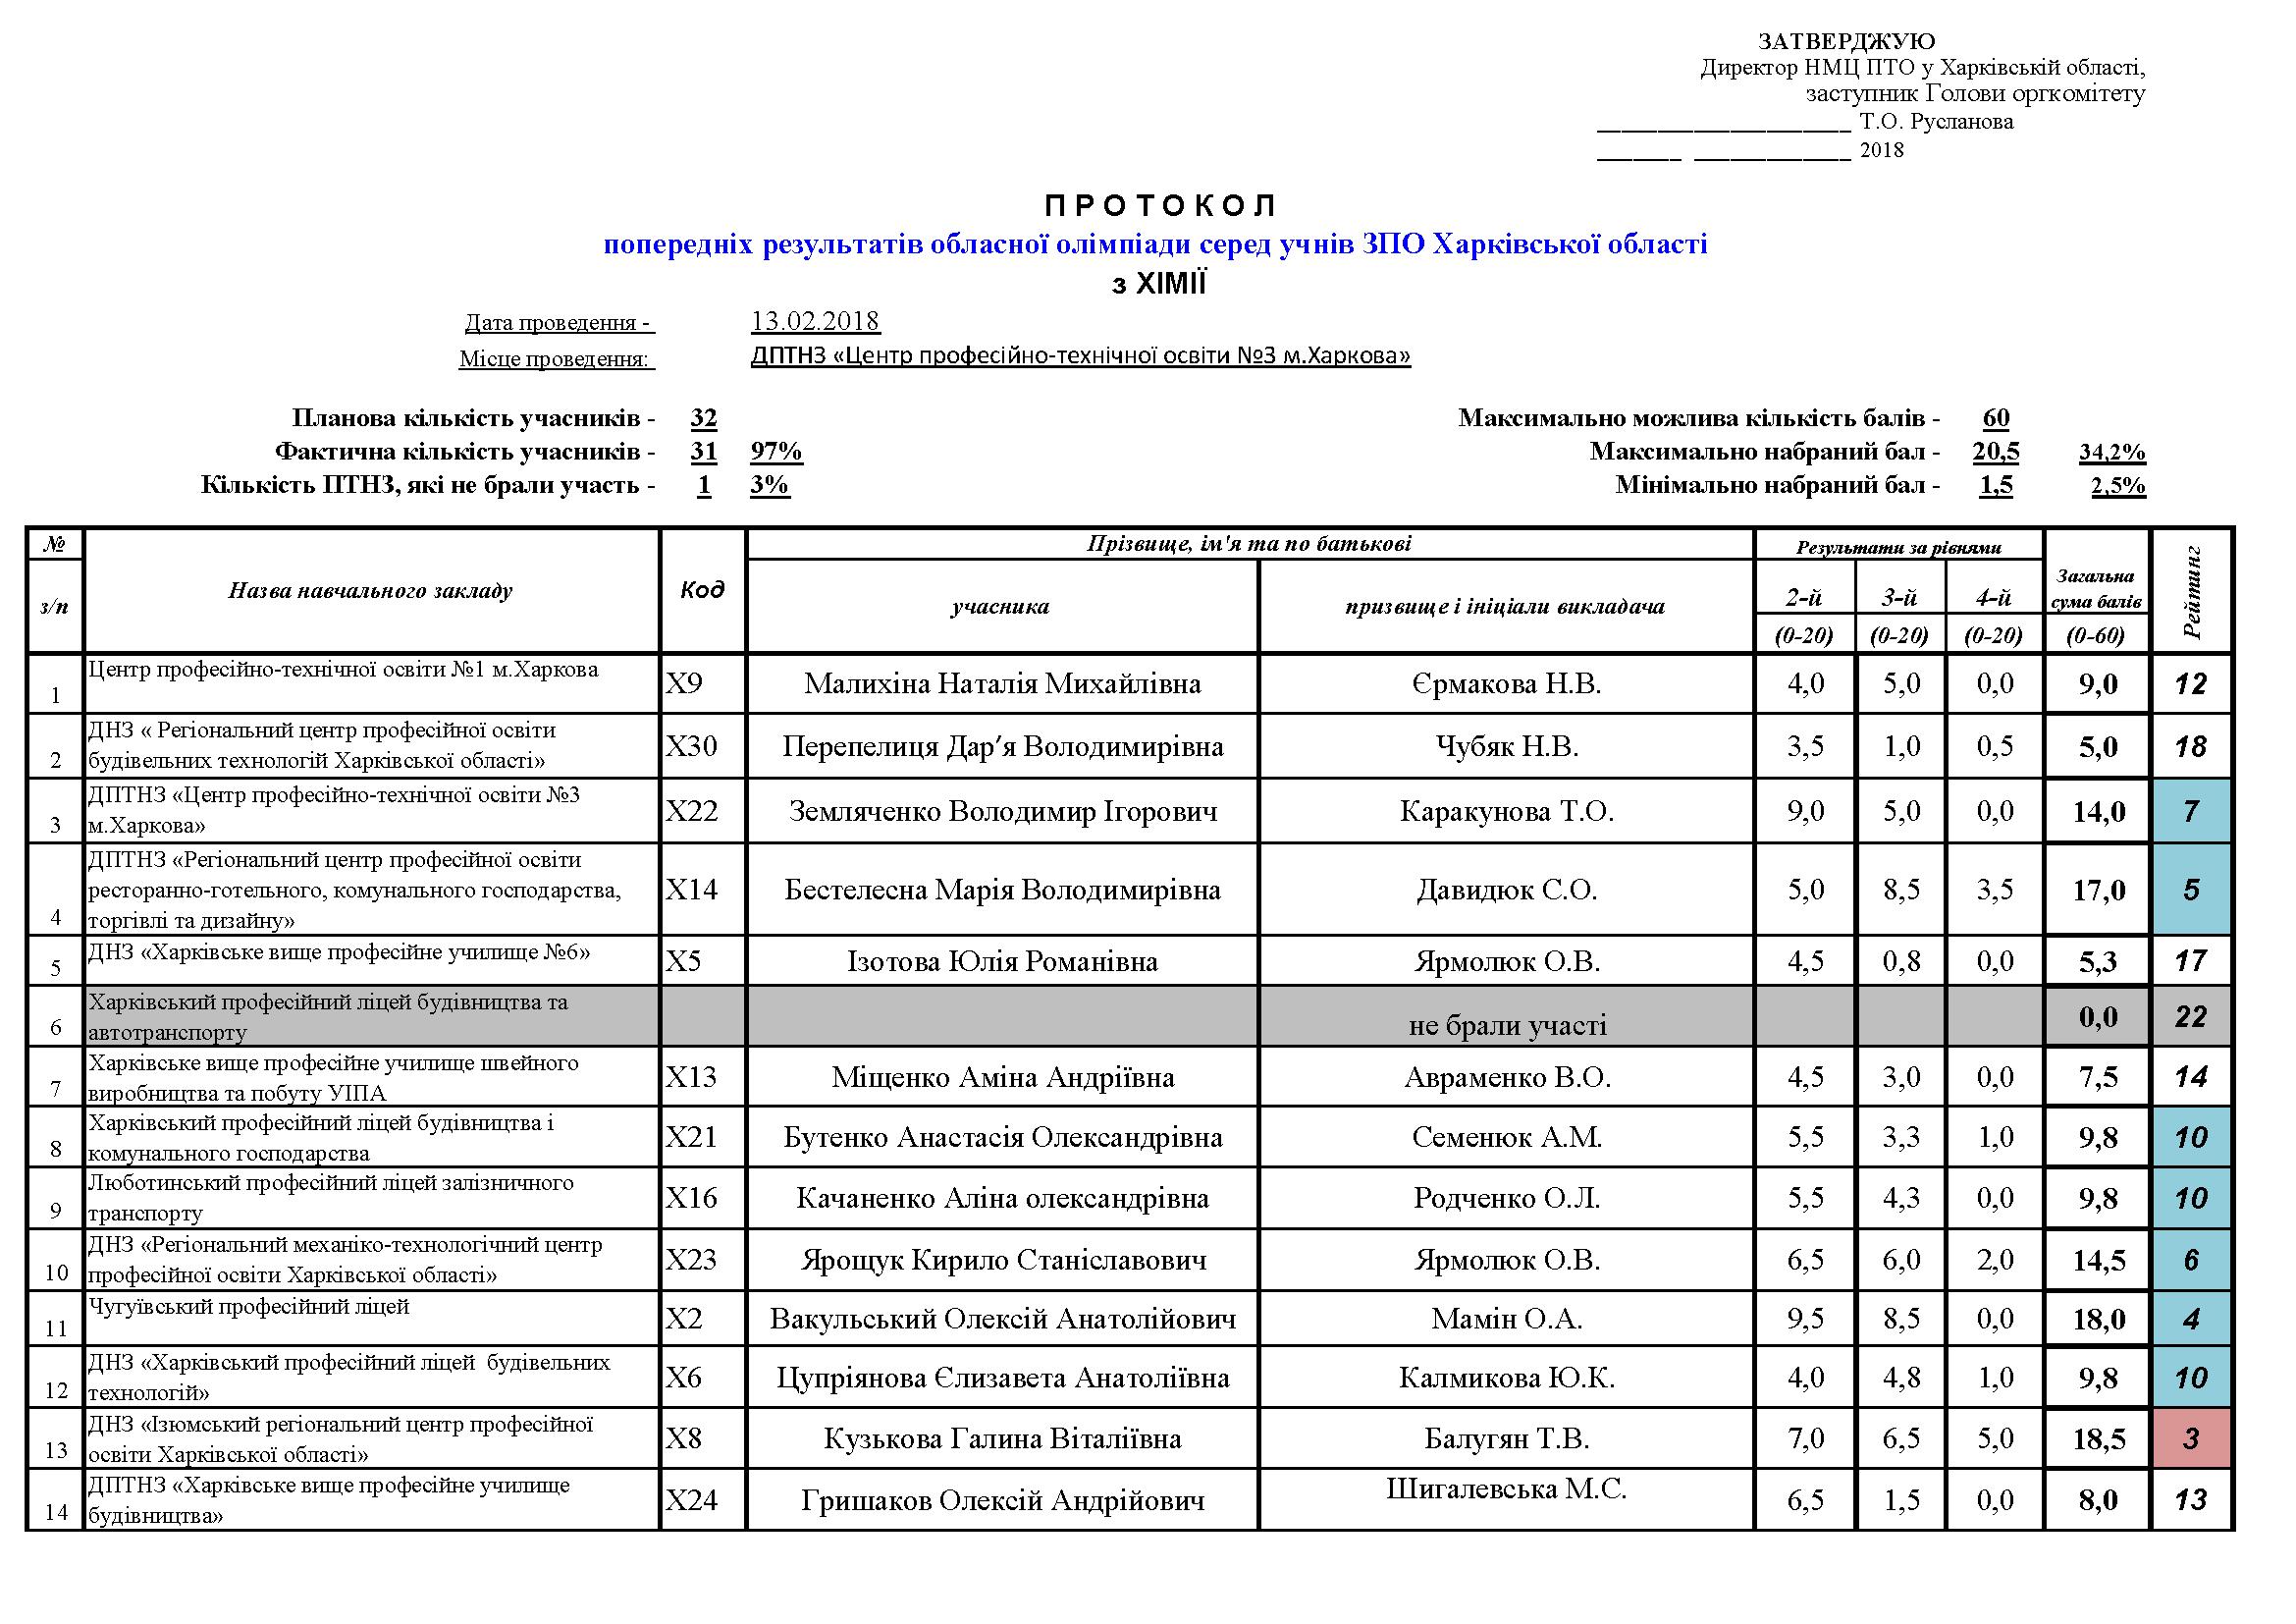 Протокол попередніх результатів обласної олімпіади з Хімії (2018)_Pagina_1